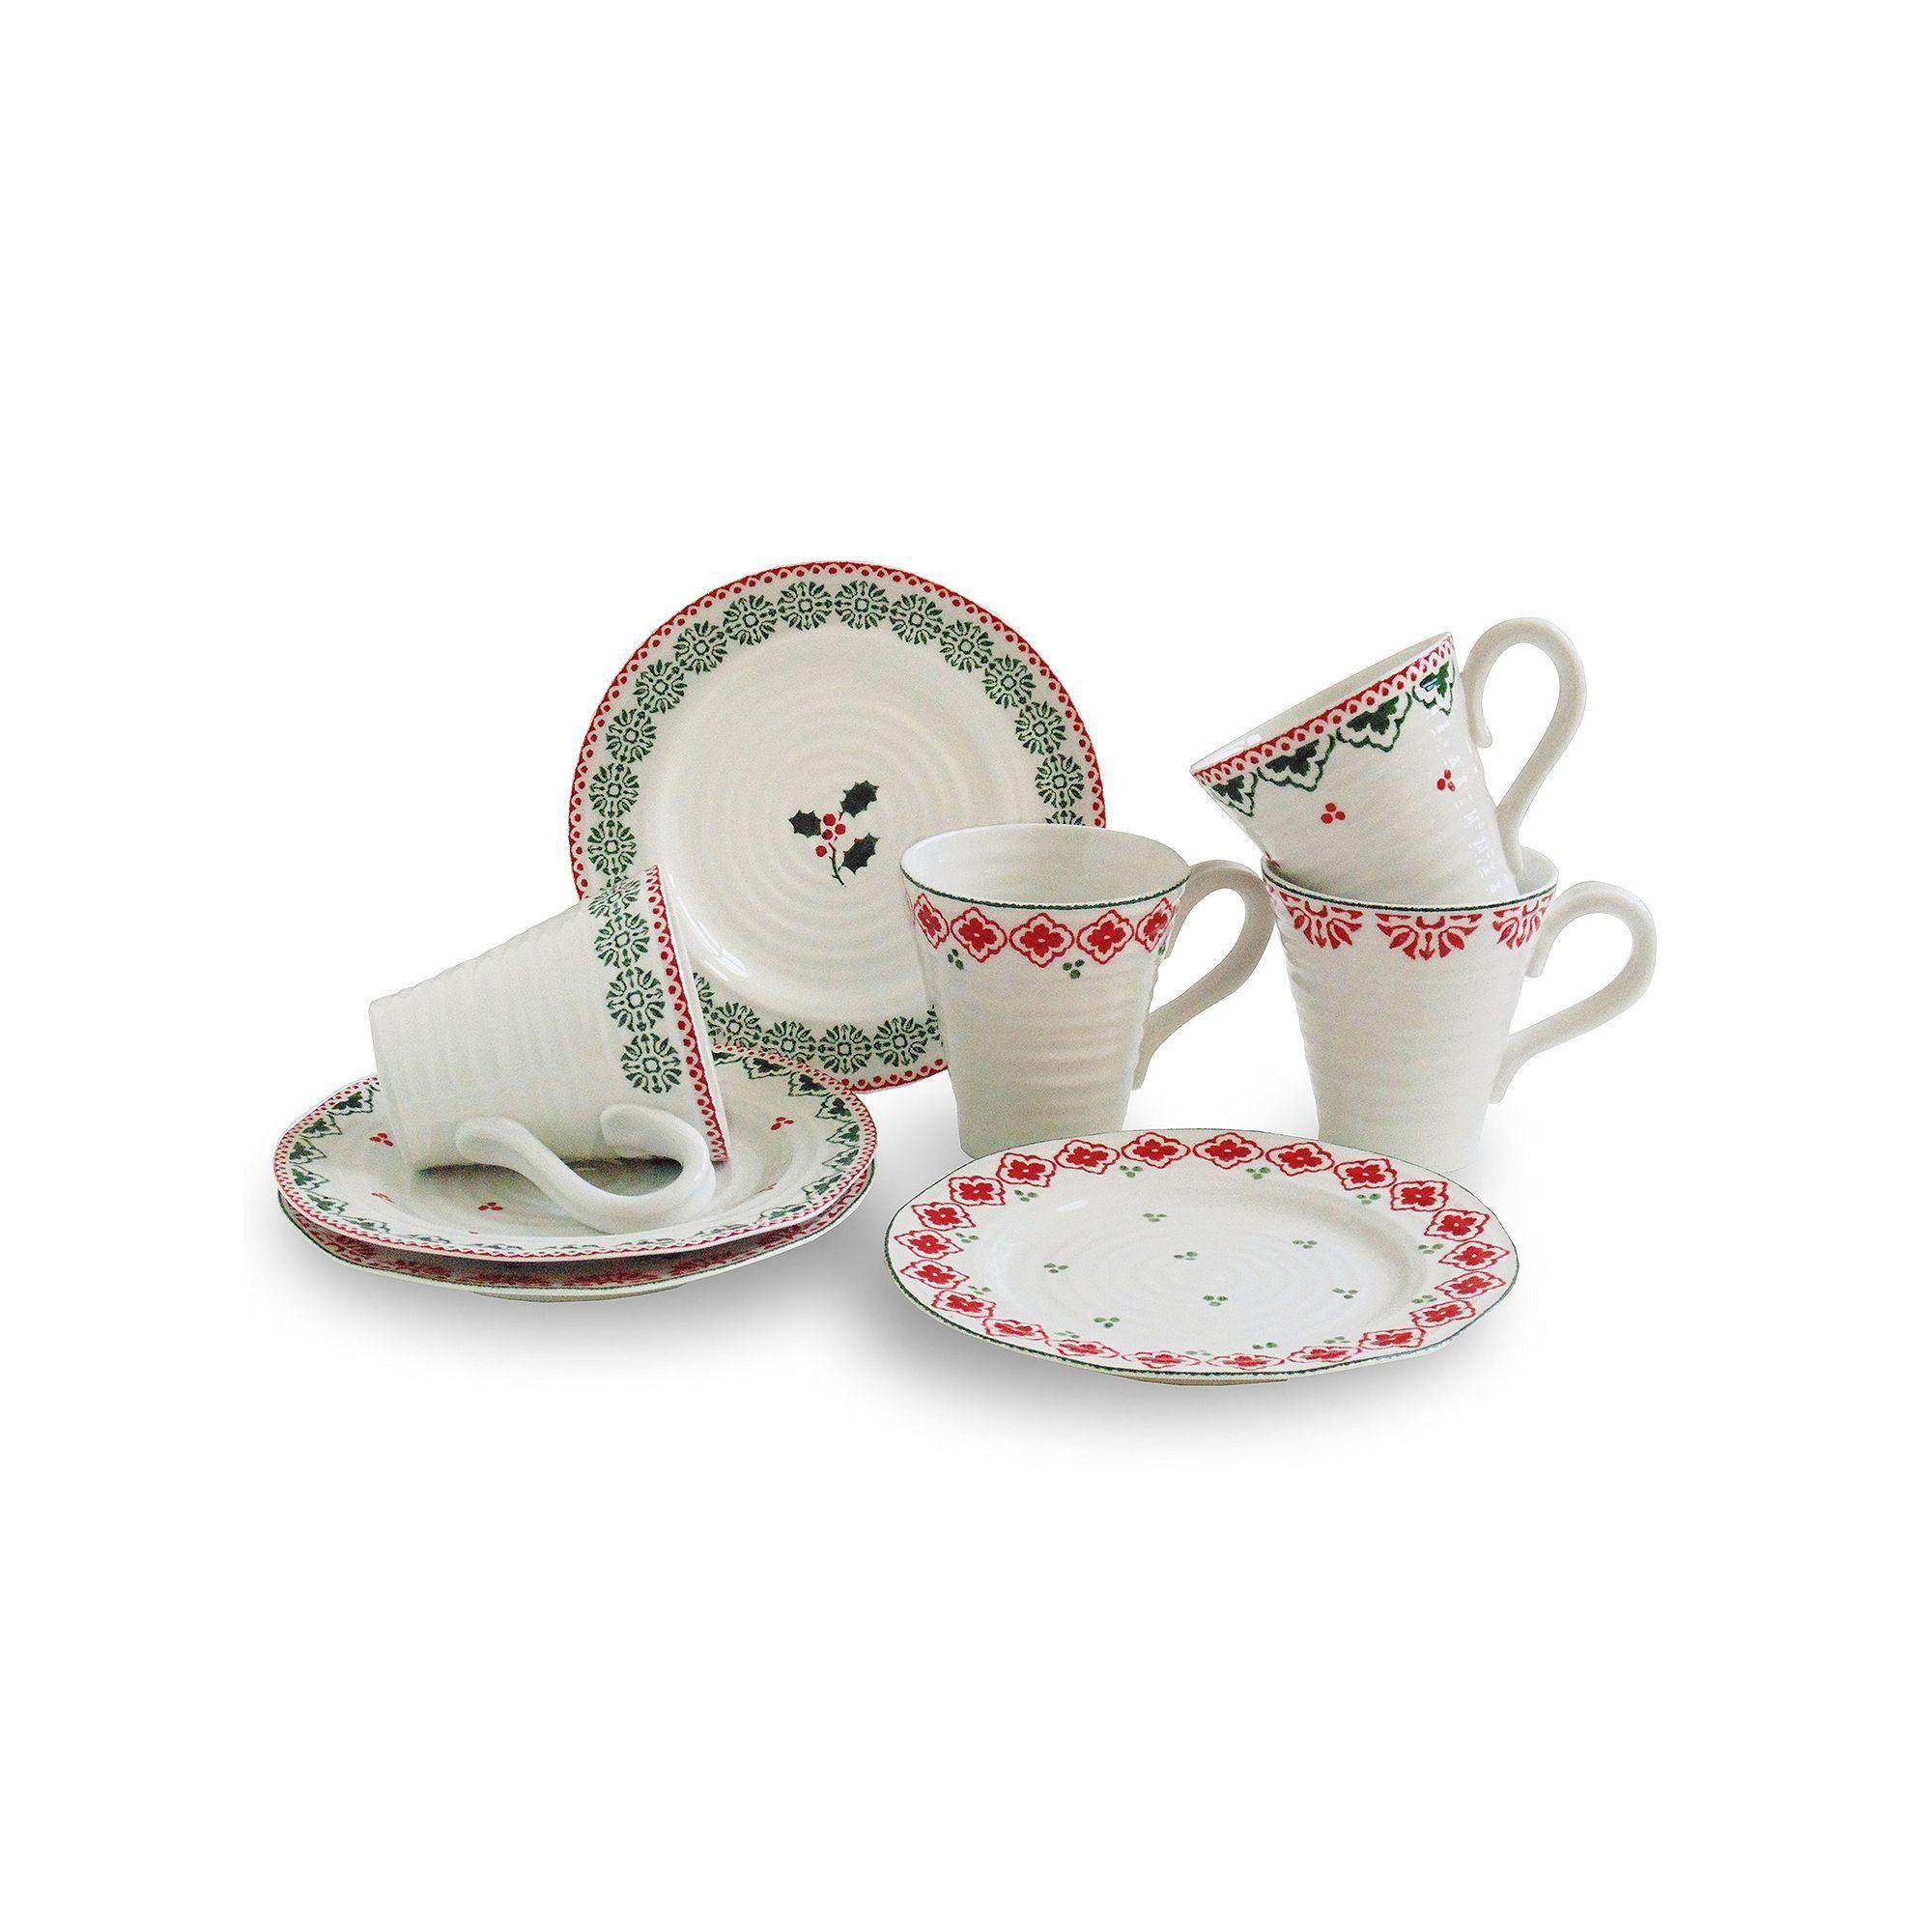 Christmas Dinnerware Set  sc 1 st  Pinterest & Portmeirion Sophie Conran 8-pc. Christmas Dinnerware Set | Christmas ...